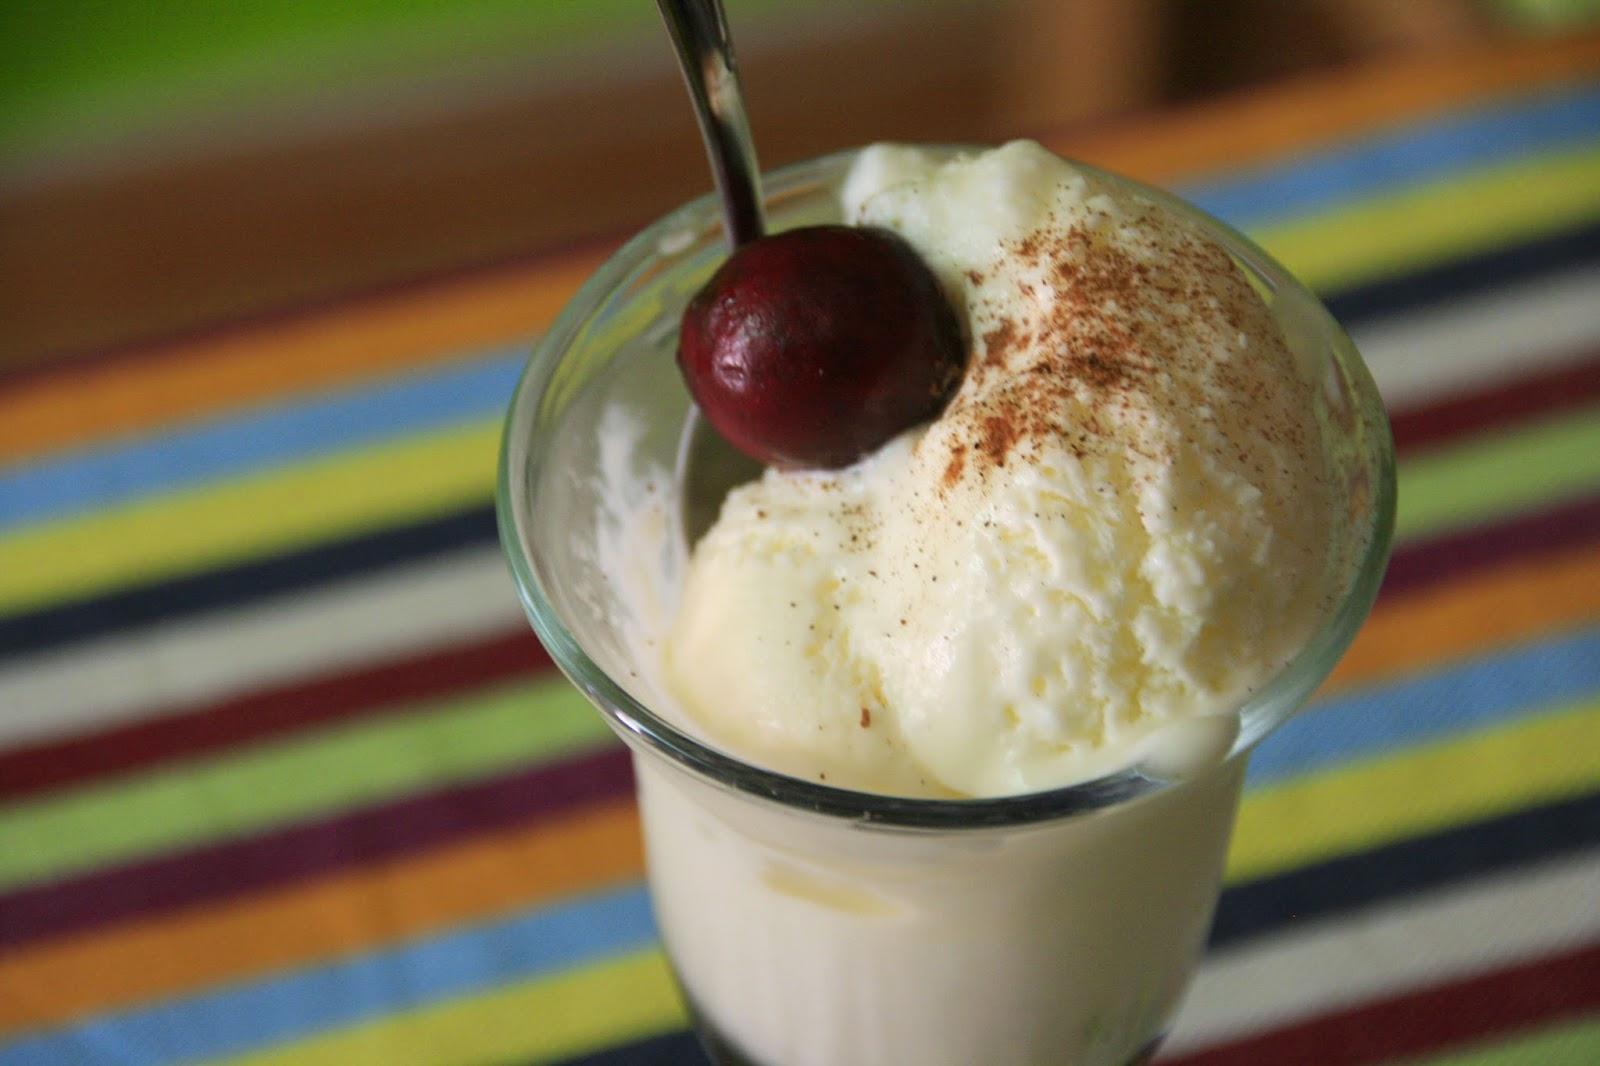 Gelat de llet merengada servit amb canella i cireres